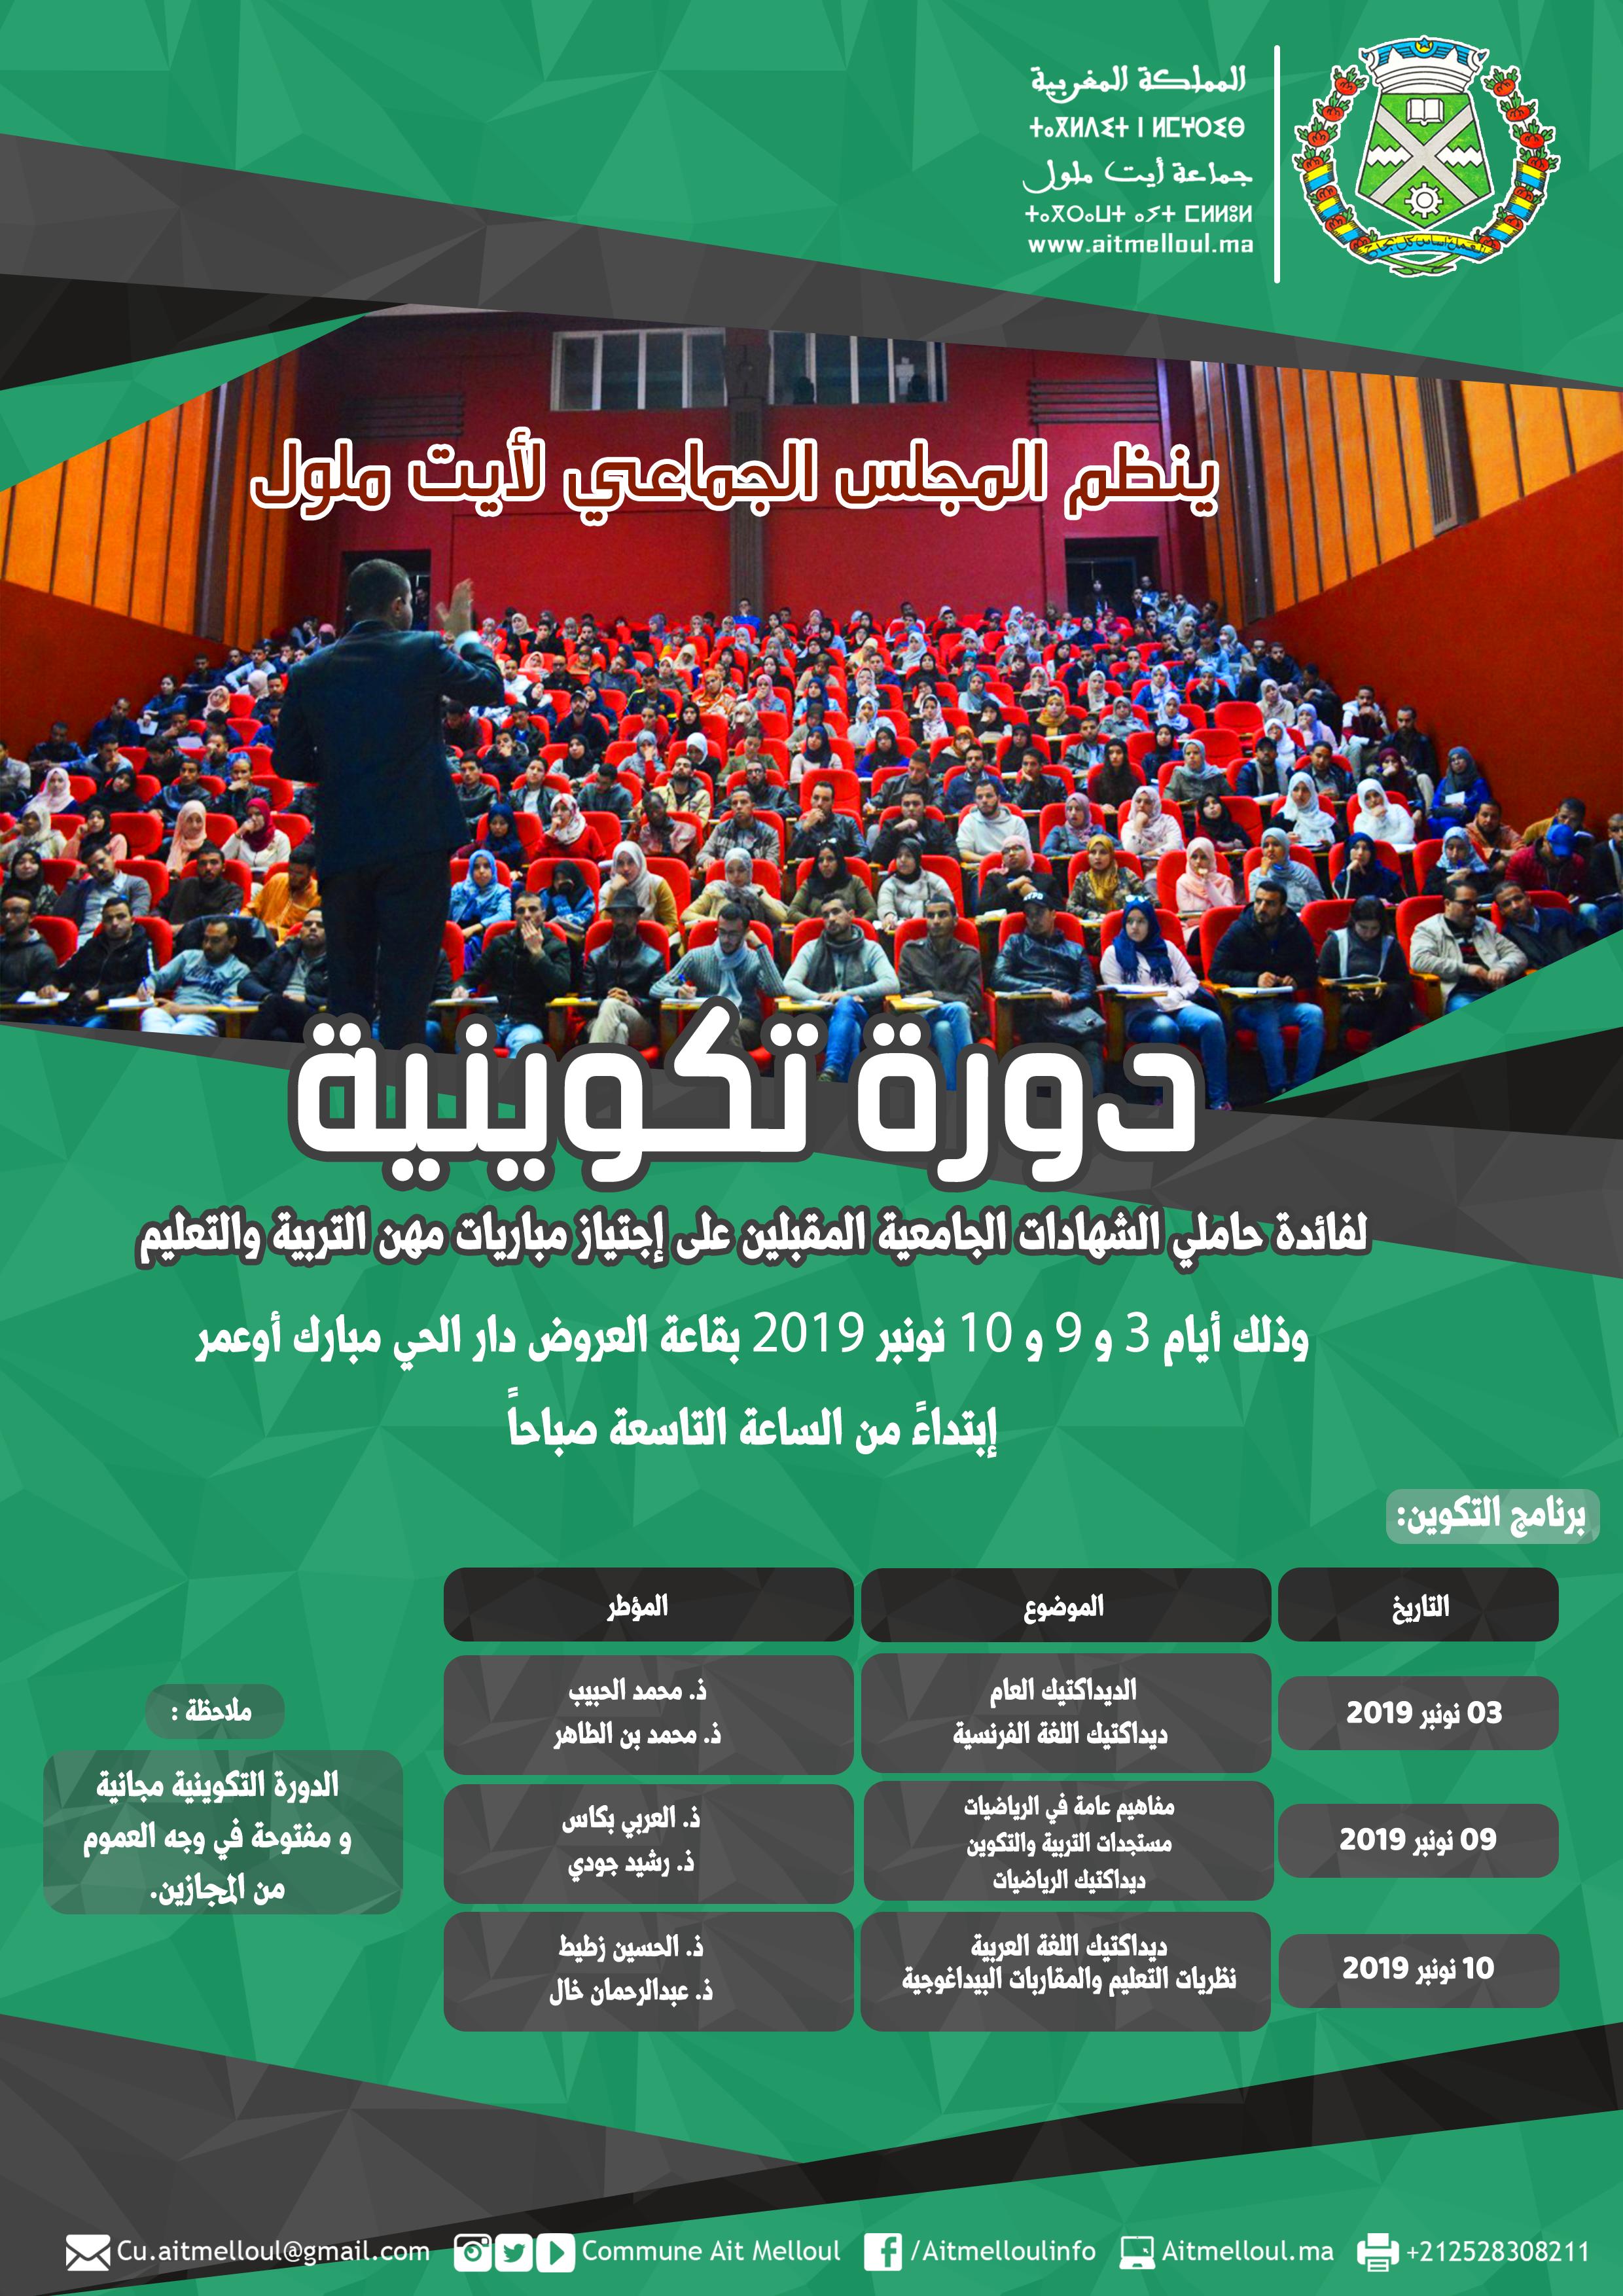 إعلان عن دورة تكوينية لفائدة الطلبة المجازين المقبلين على مباريات موظفي الأكاديميات.